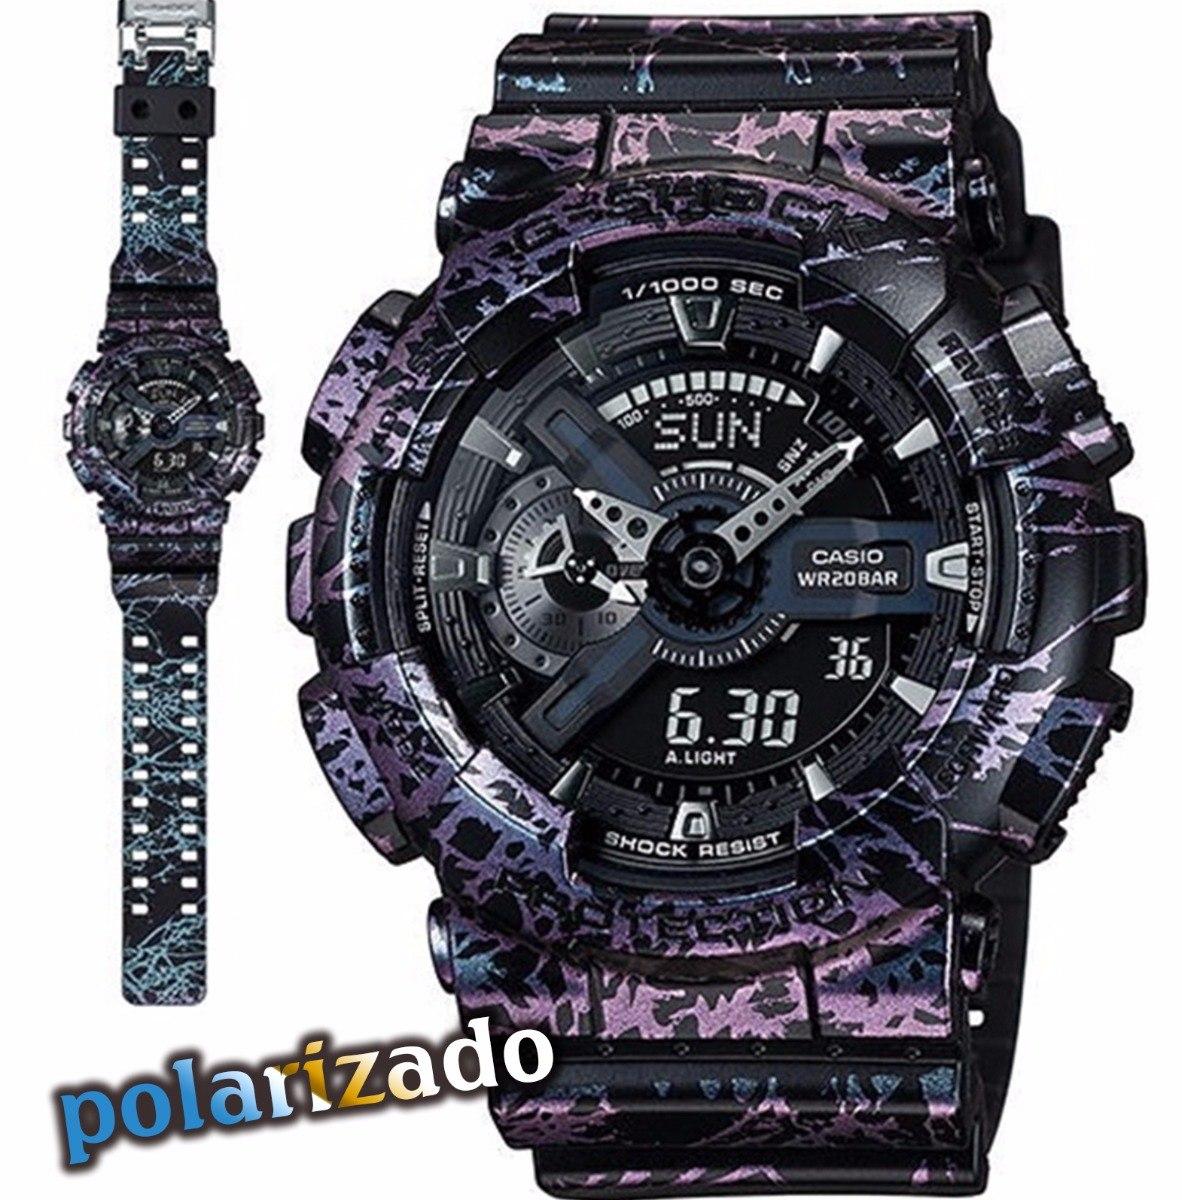 9a776dde70a relógio casio g-shock ga110pm-1 polarized imperdível! Carregando zoom.